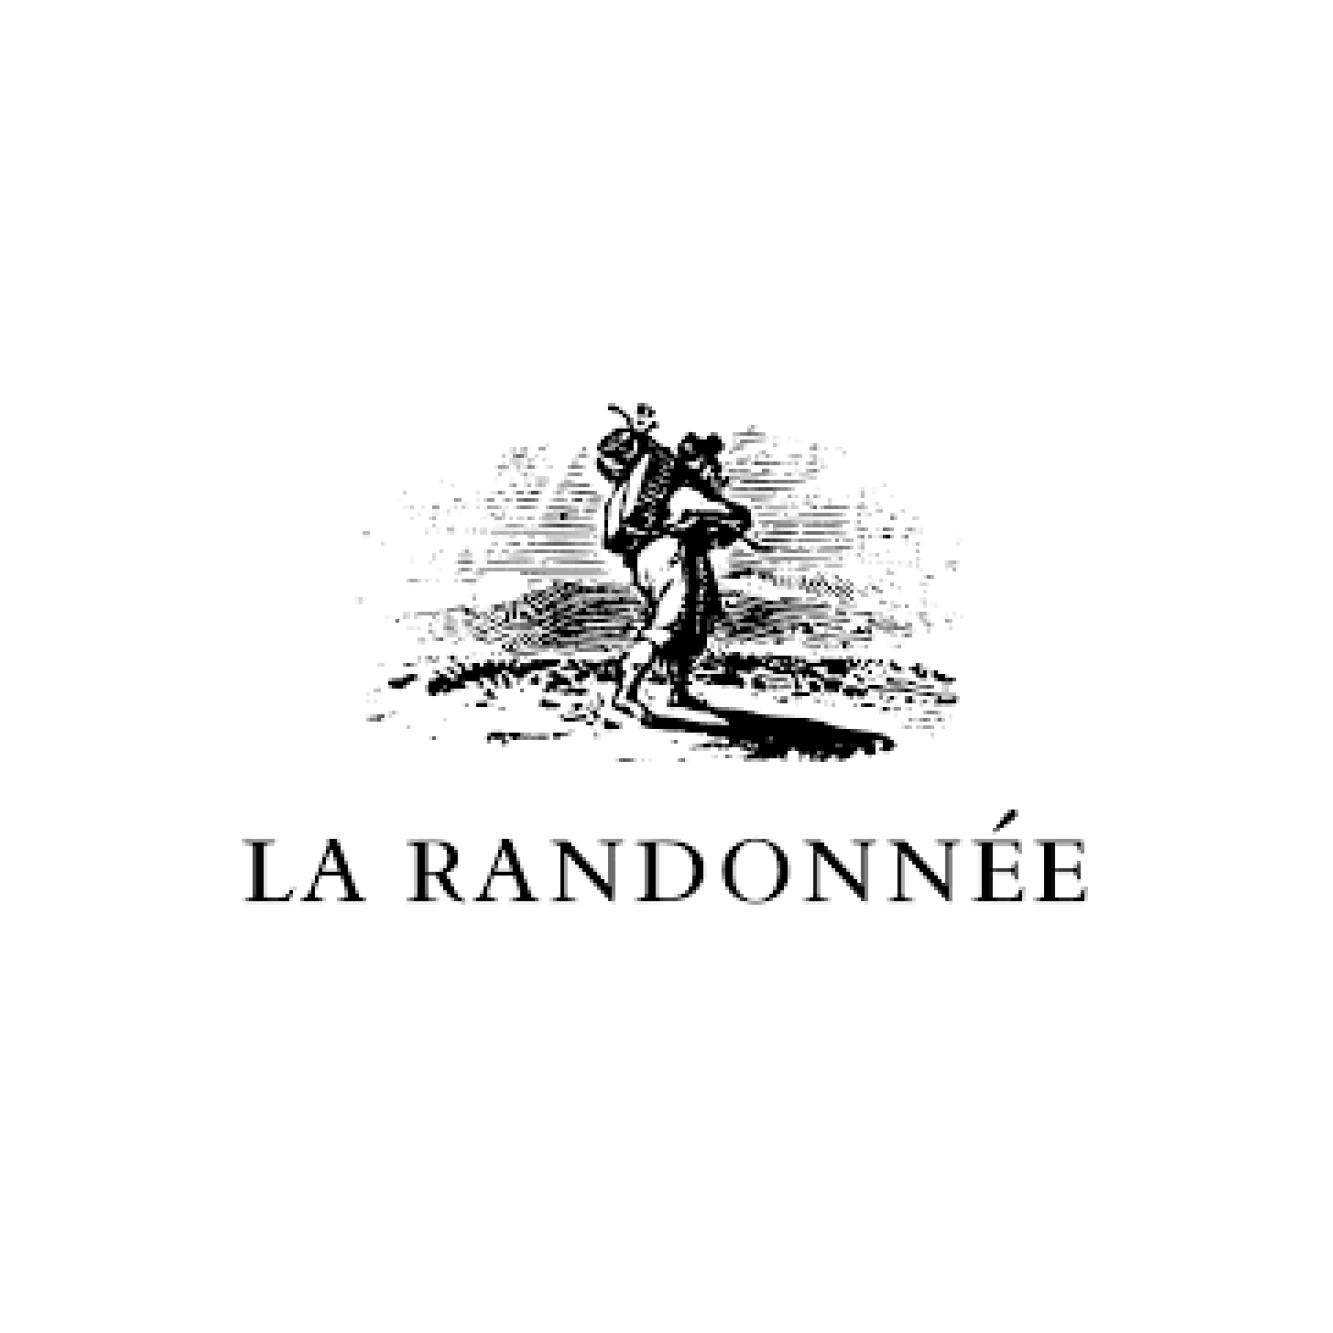 La Randonnee Logo.jpg